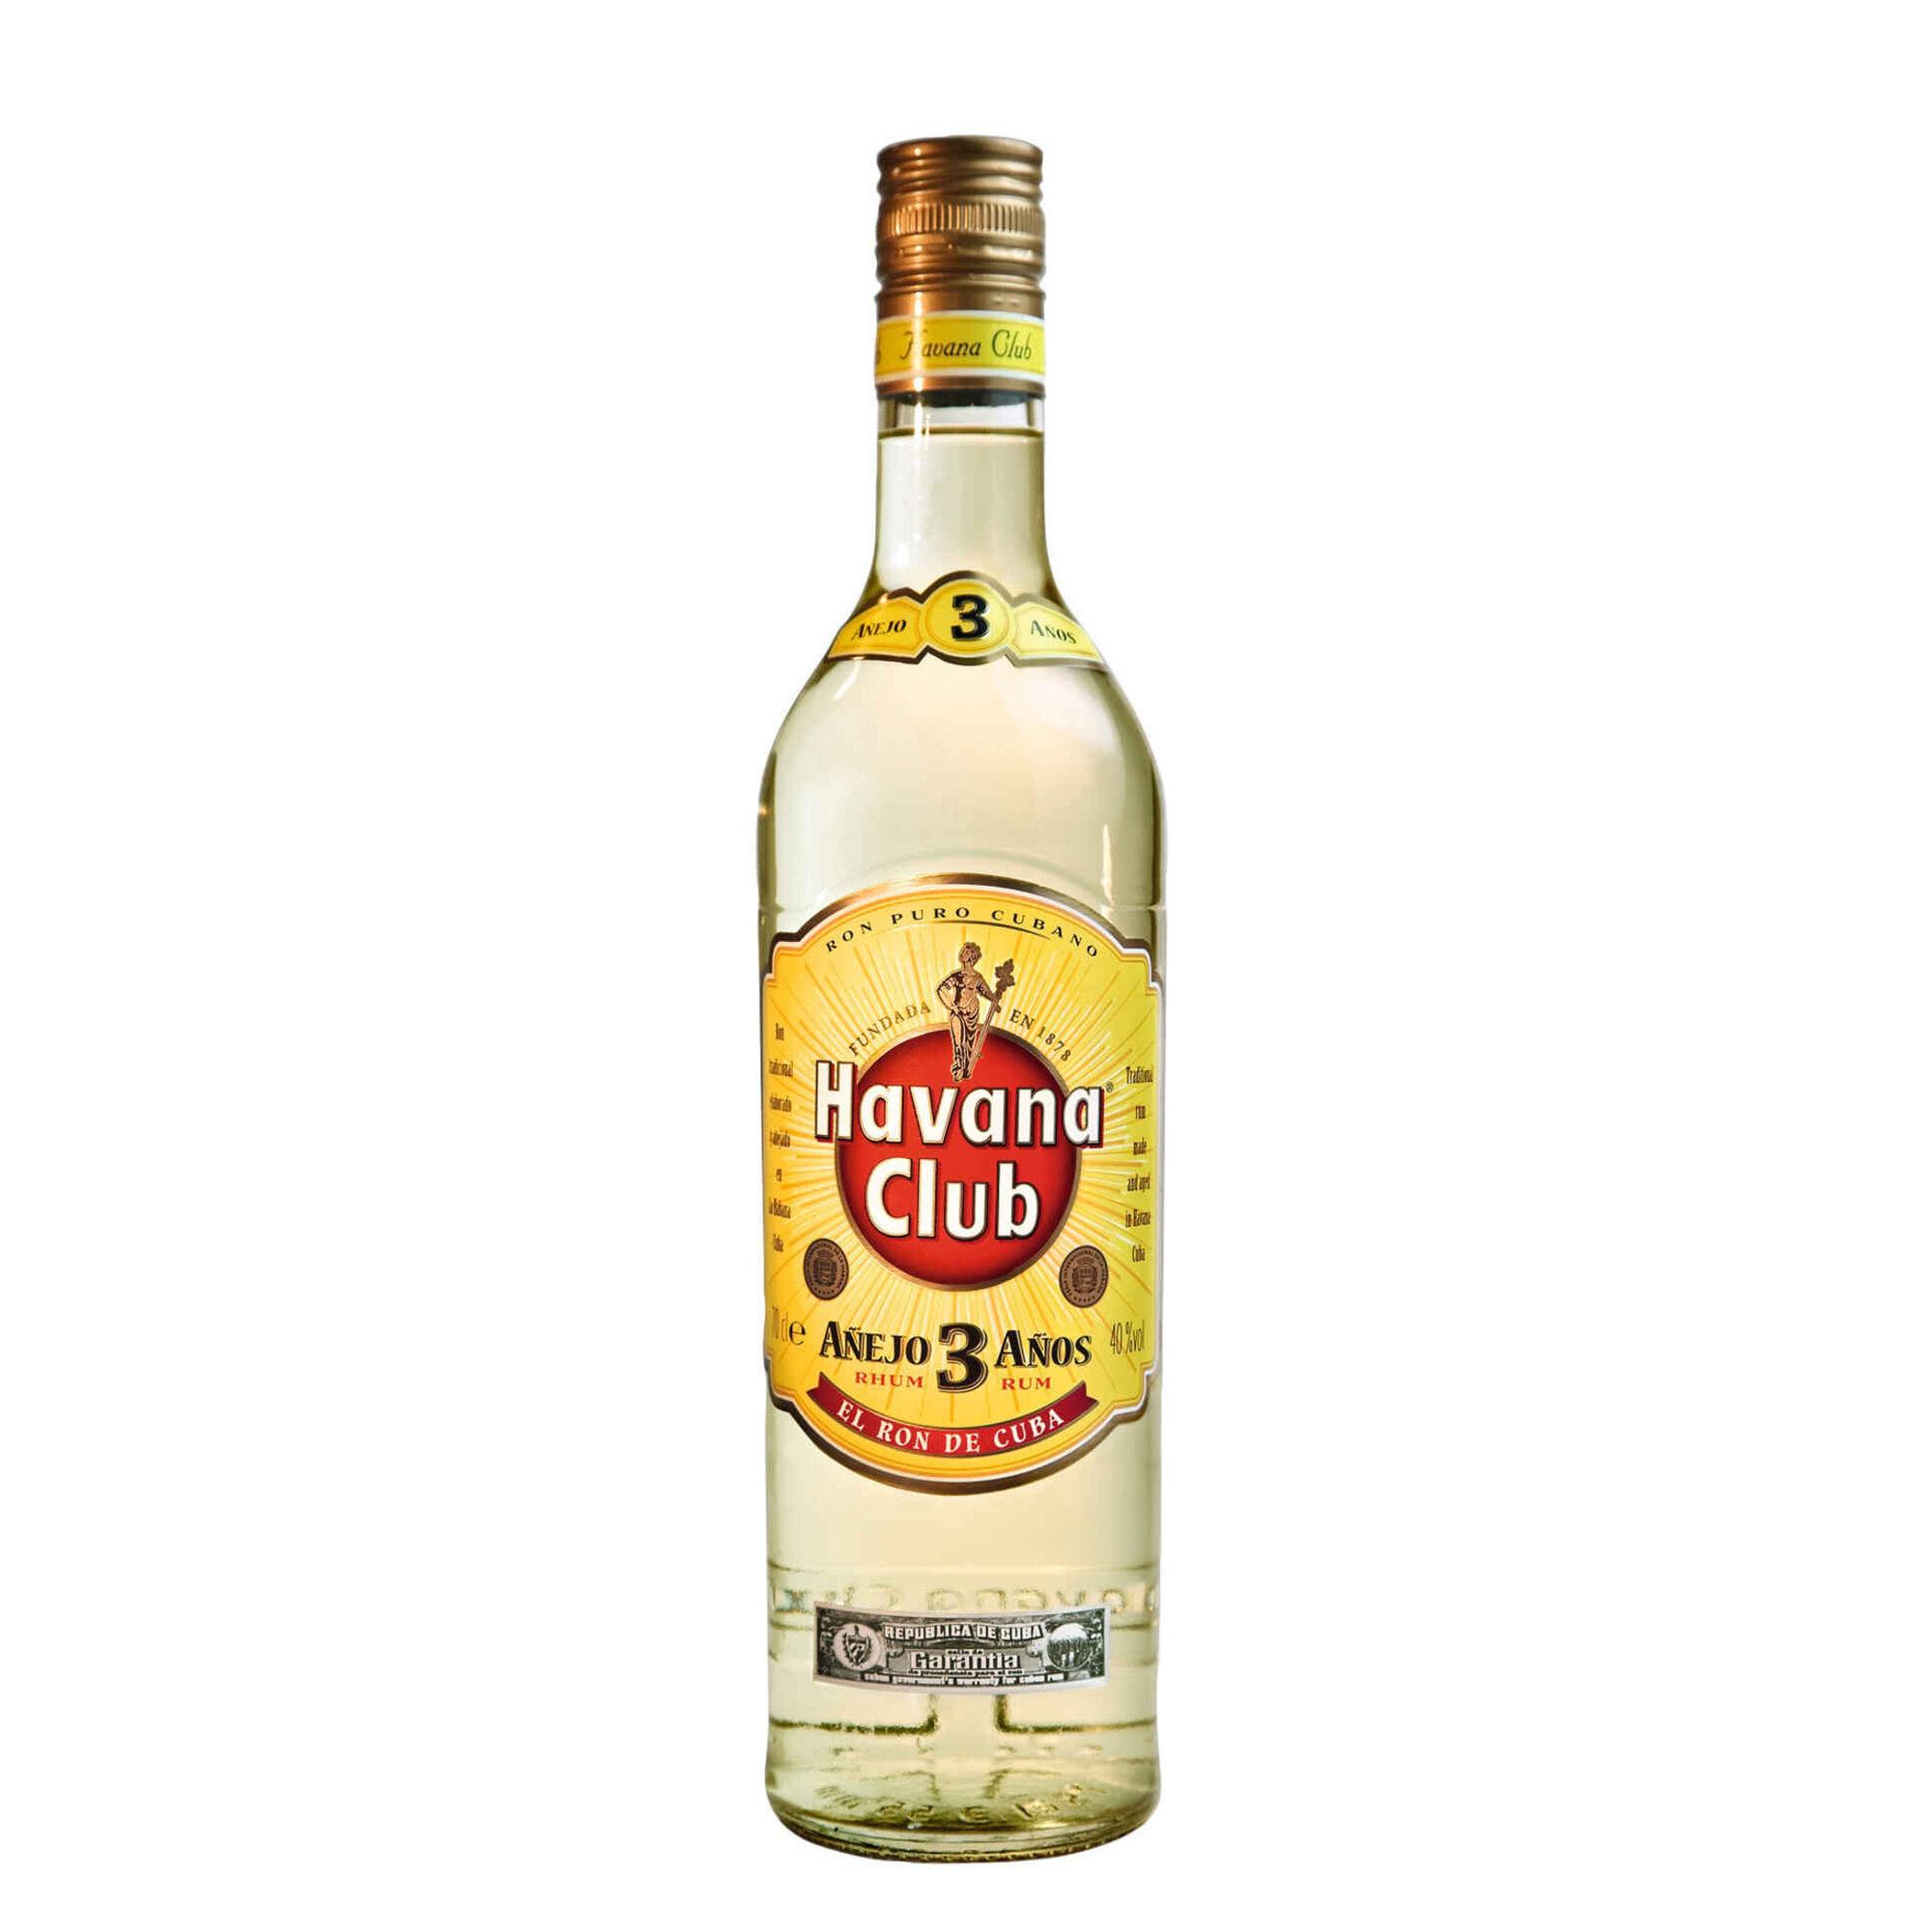 Rum Hanava Club Añejo 3 Años